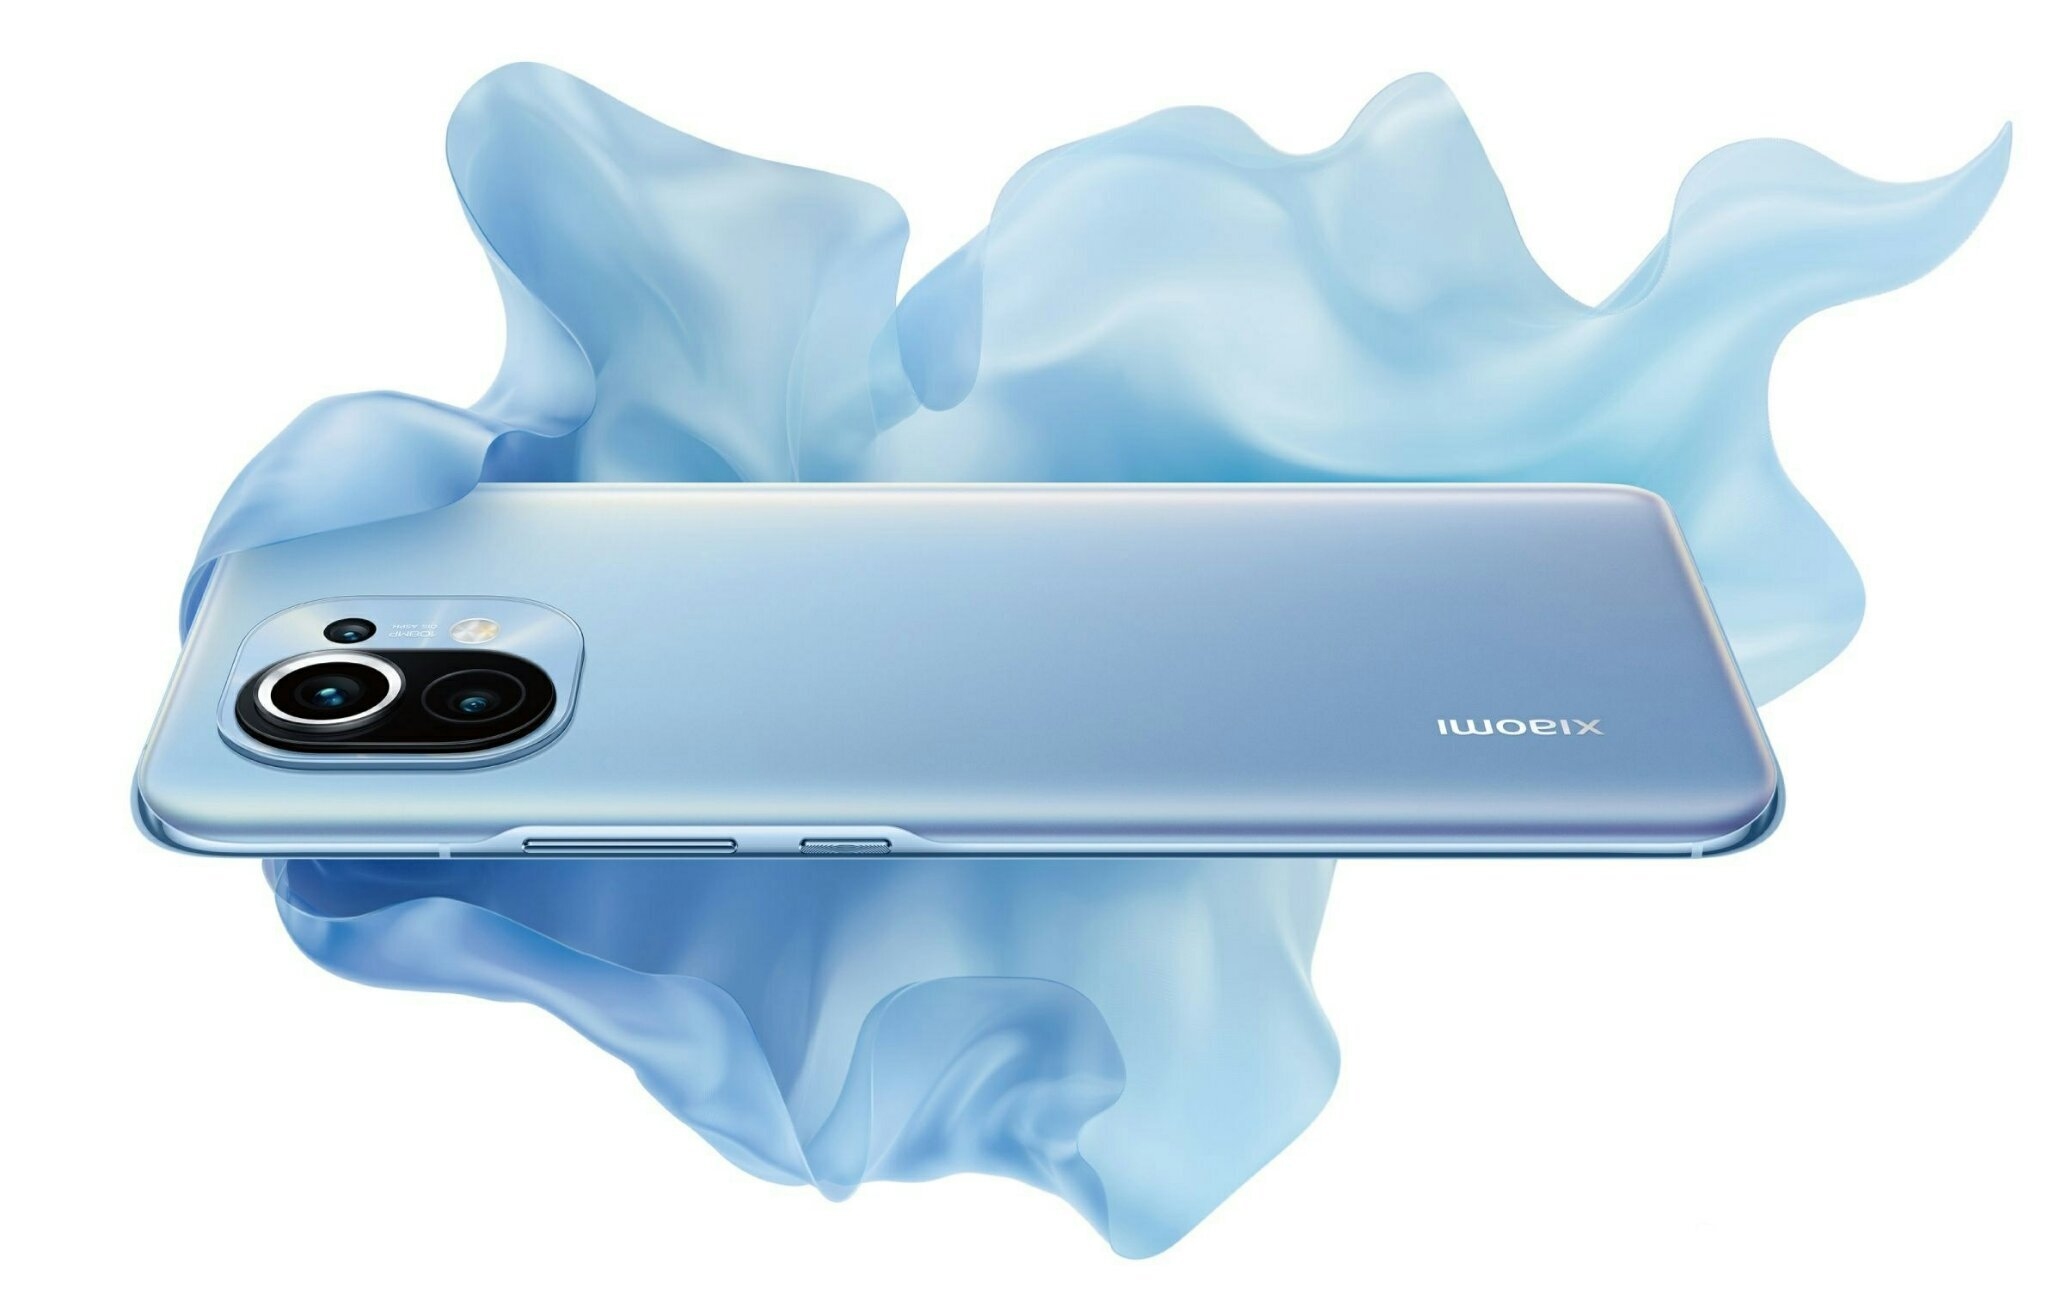 Объявлена дата международного анонса флагманского смартфона Xiaomi Mi 11